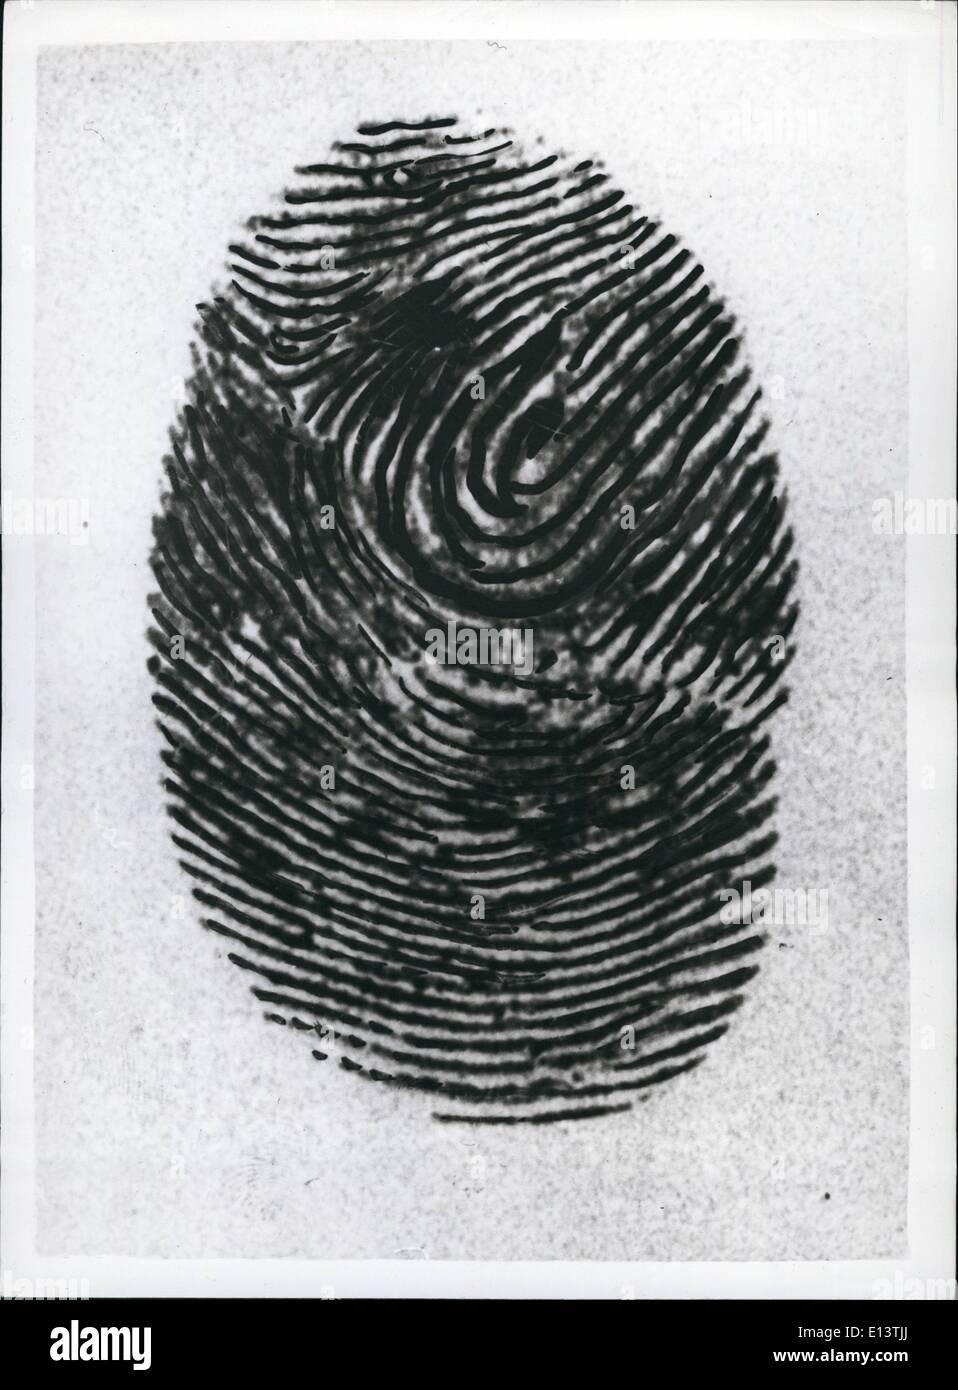 Mar. 27, 2012 - La Princesse Philip a pris ses empreintes digitales au New Scotland Yard: le prince Philip a passé six heures à New Scotland Yard hier l'étude de techniques de police, à la recherche d'armes dans l'horreur au musée noir, se rendant sur le Rogue's Gallery, le Laboratoire judiciaire, et le ministère d'empreintes digitales, où il a convenu d'avoir pris ses empreintes digitales. Photo montre: le Prince's ''ab'' - l'imprimer à partir de son doigt du milieu de sa main gauche. Photo Stock